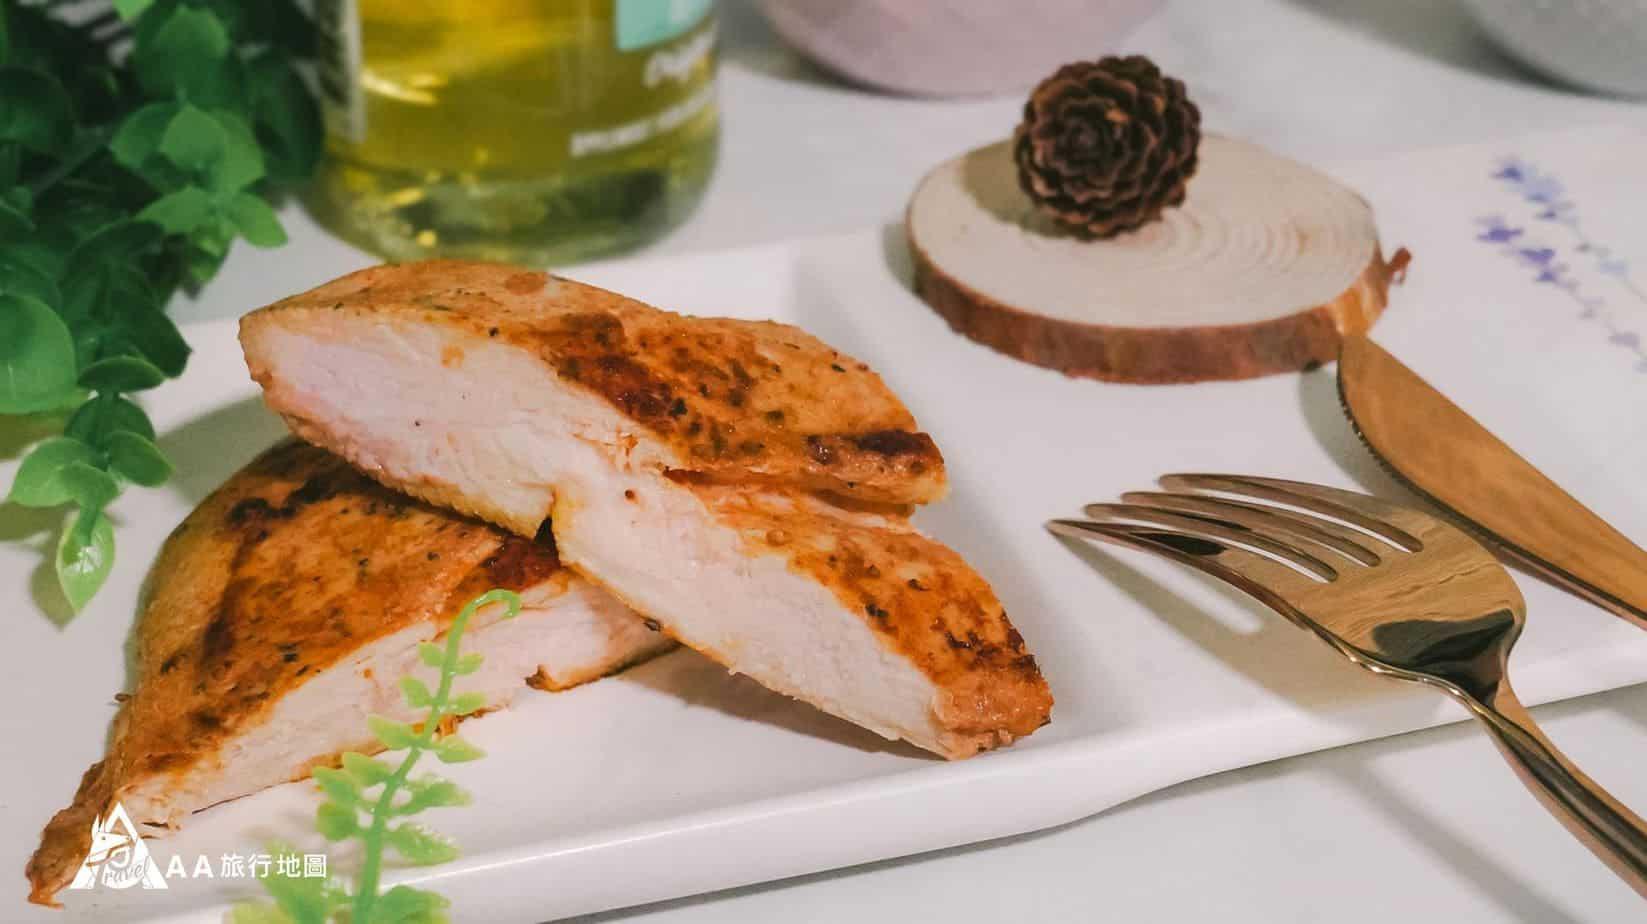 餓貳市場 BBQ口味的雞胸肉比較合 Aa 的口味,稍微比較有味道